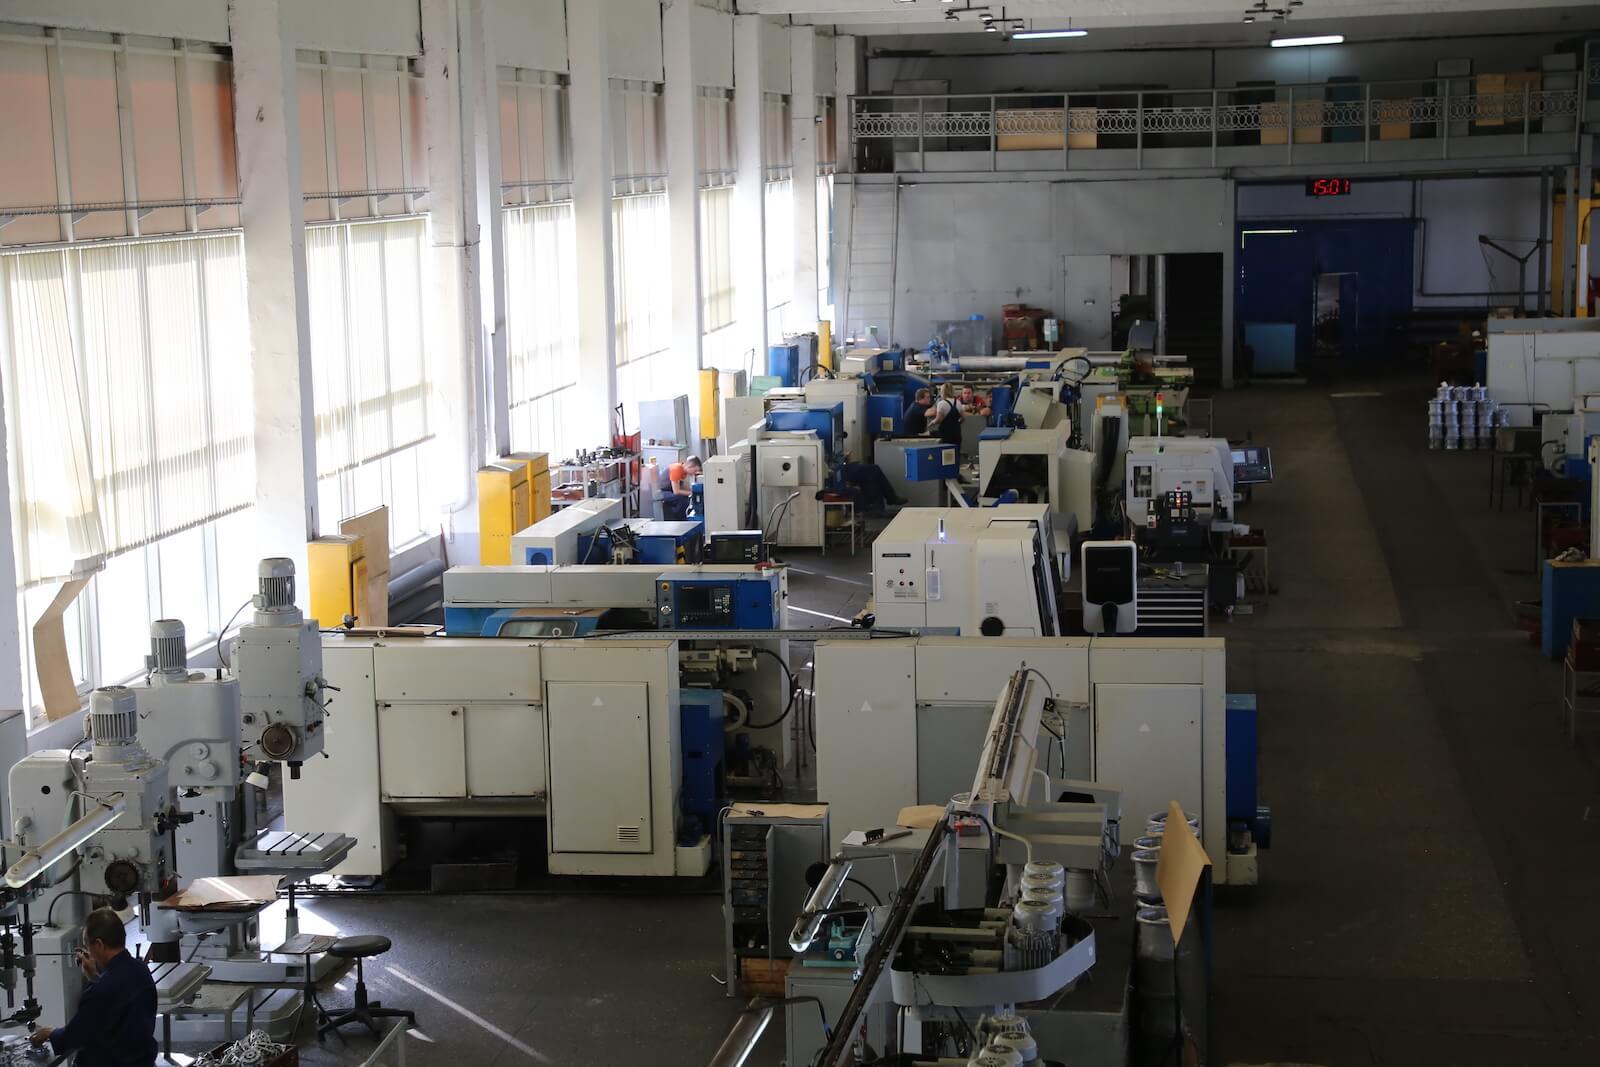 красногорский завод эл двигатель директор фото фитнес индустрии